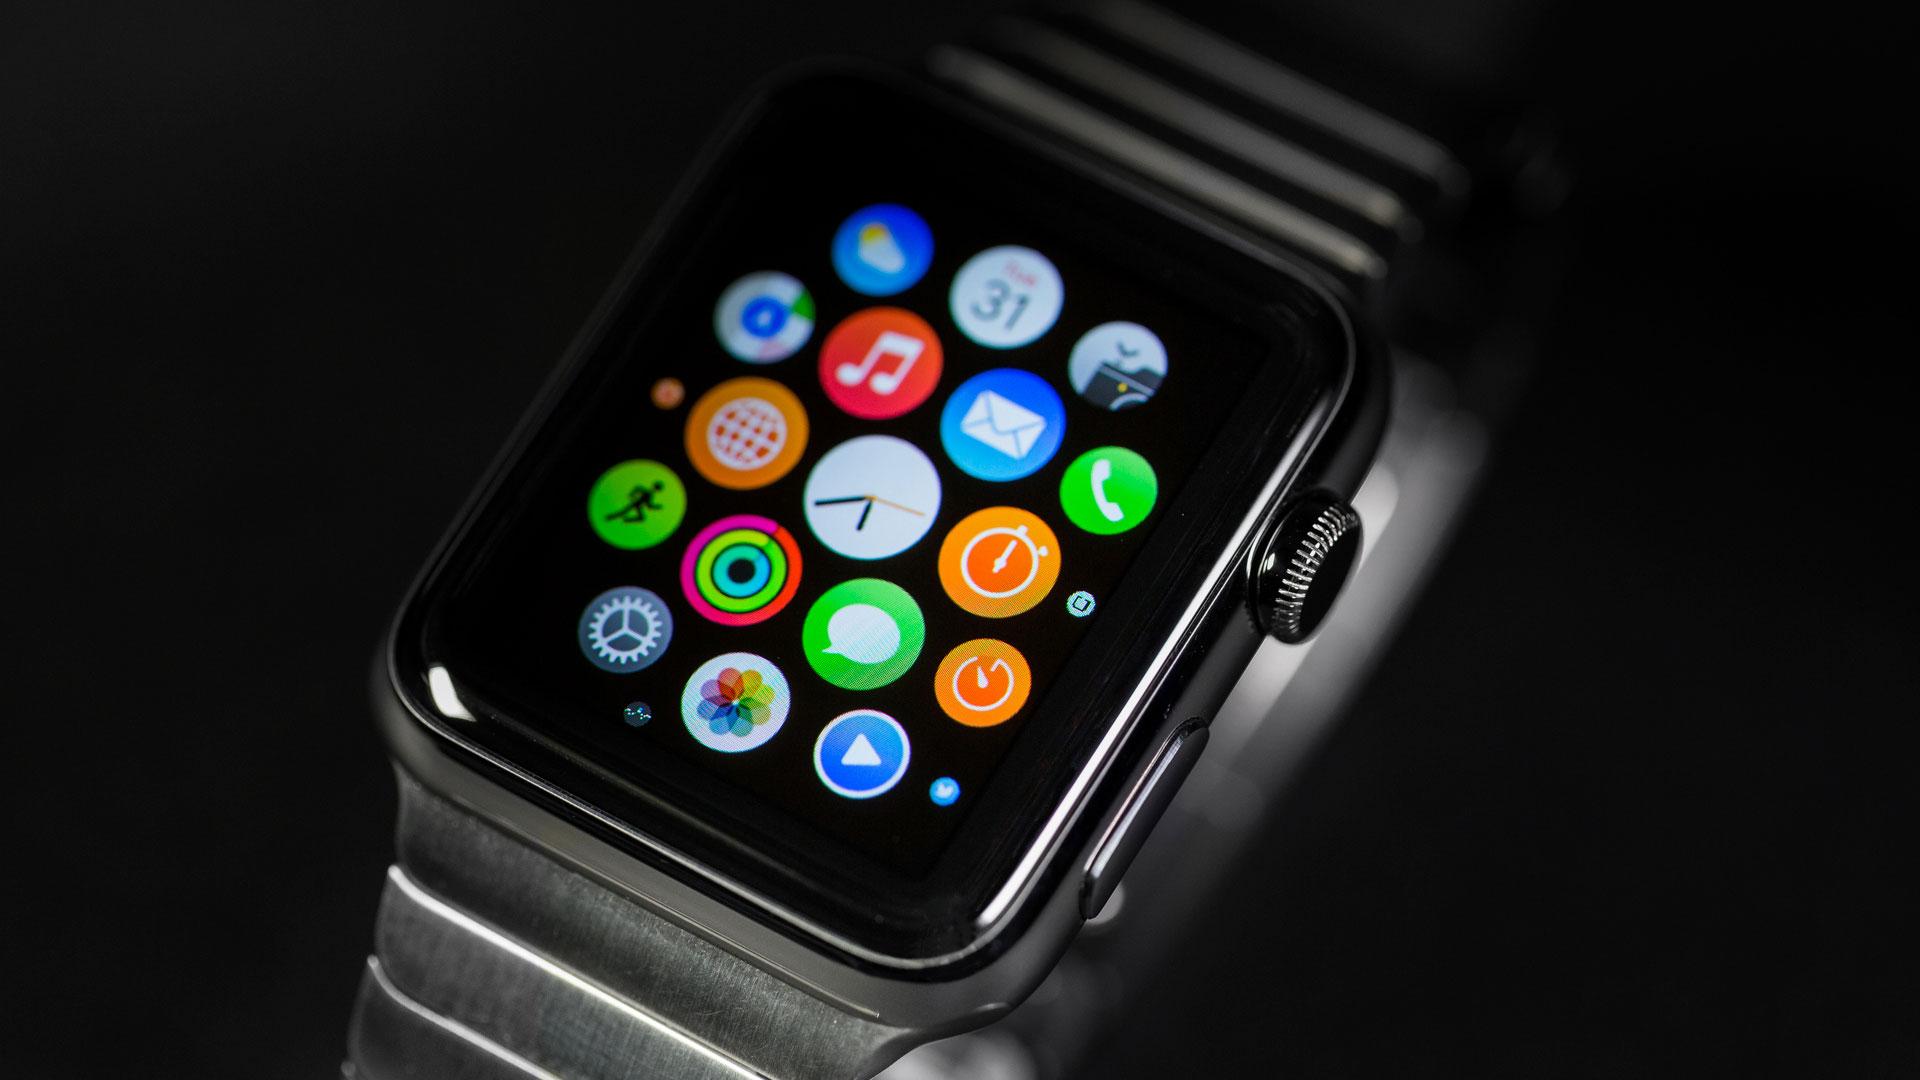 Apple Watch S